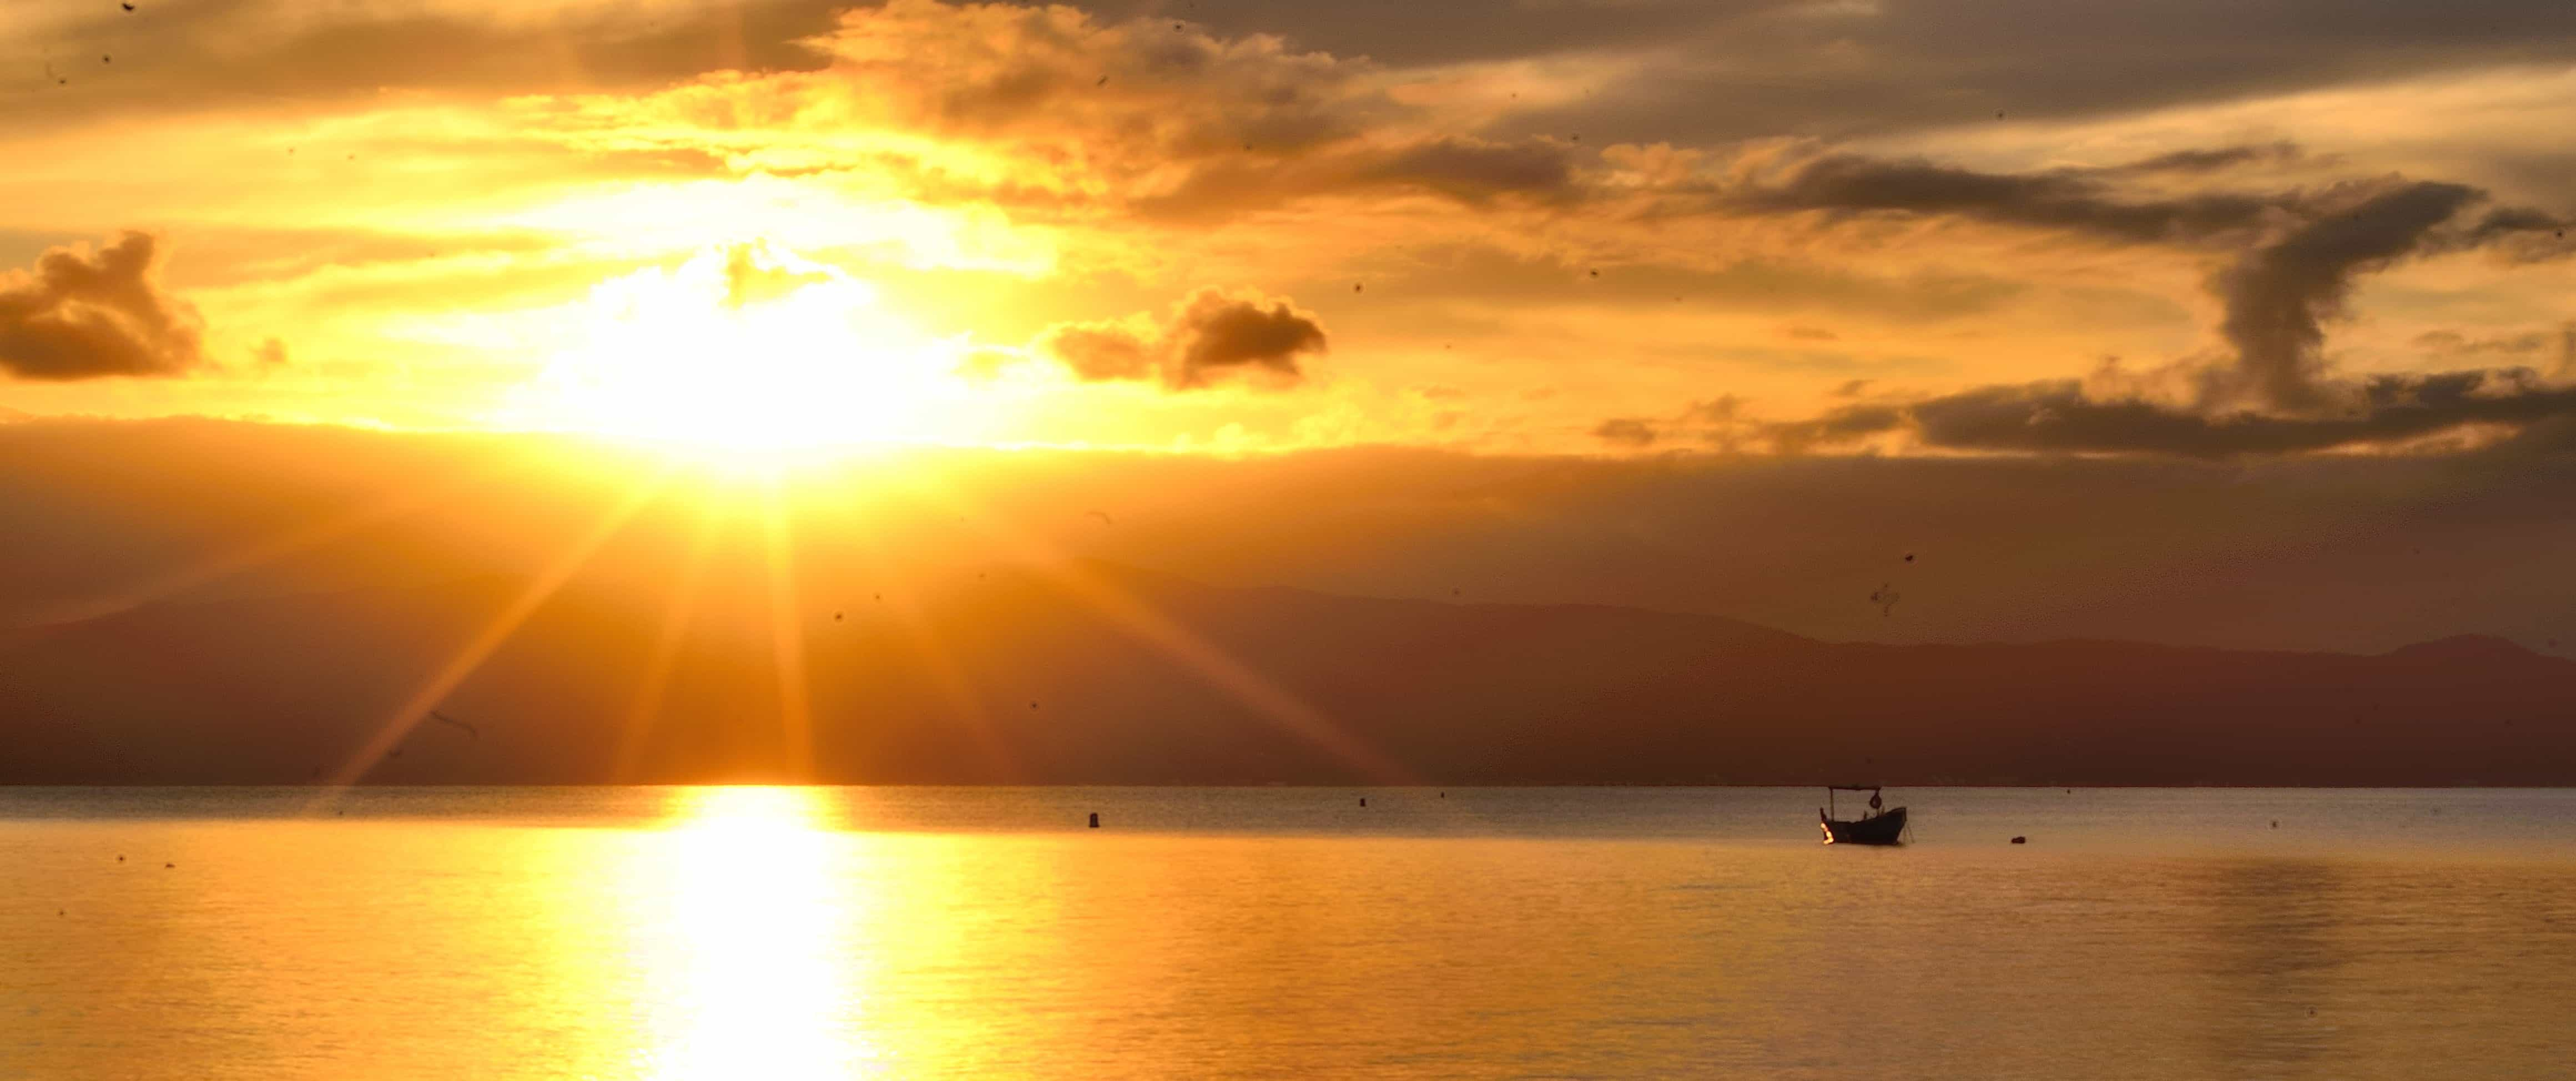 Foto gratis sole alba alba acqua sole mare spiaggia tramonto luce solare